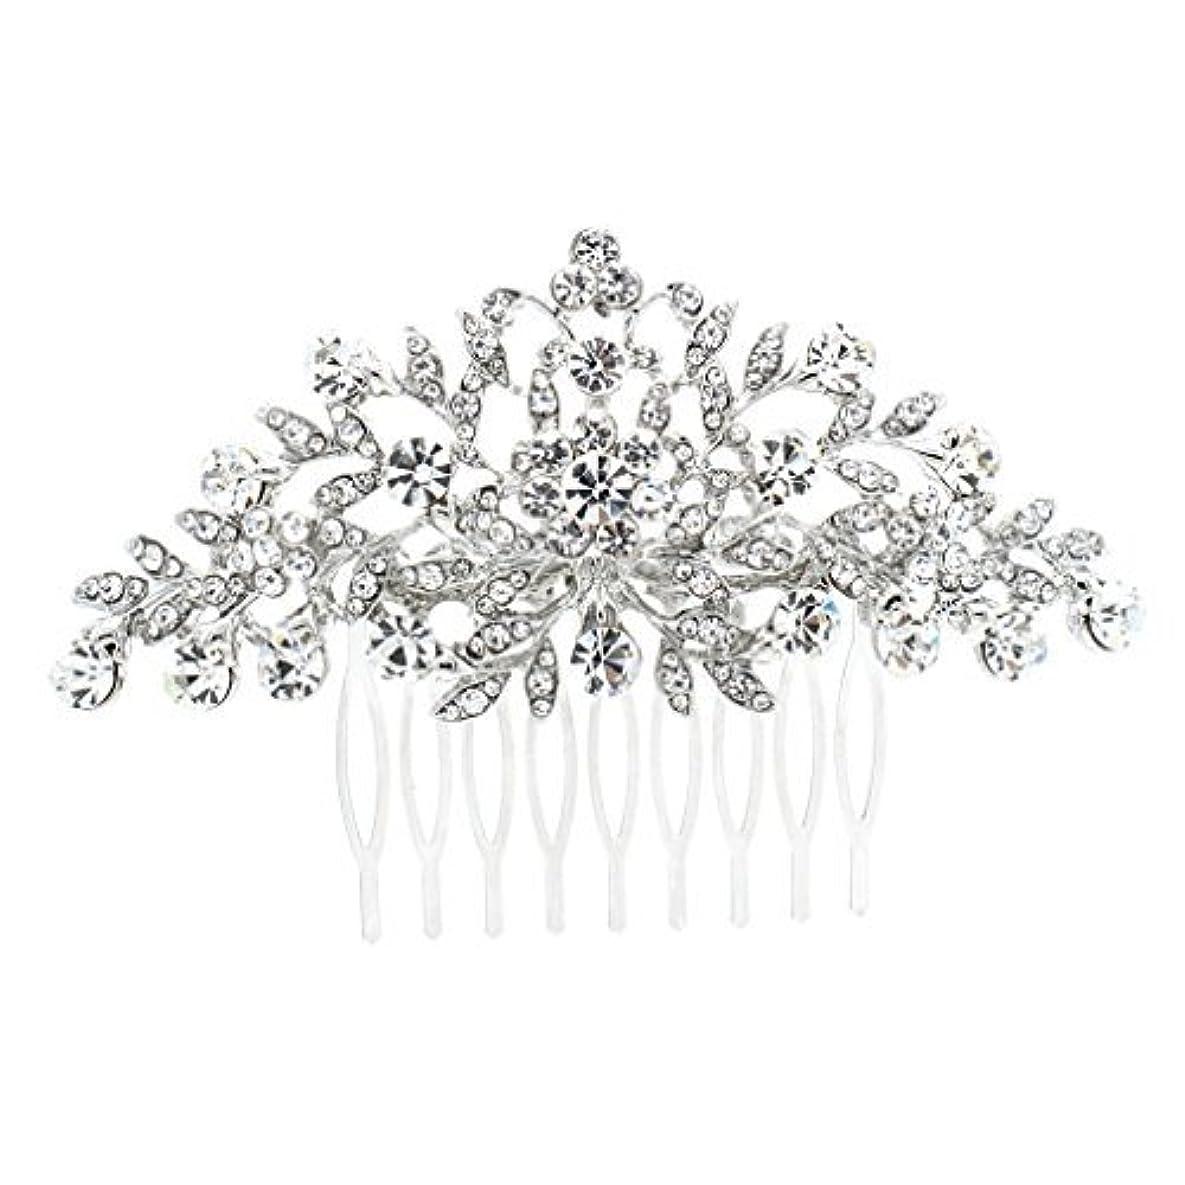 持つ刺すうんざりSEPBRDIALS Rhinestone Crystal Hair Comb Pins Women Wedding Hair Jewelry Accessories FA2944 (Silver) [並行輸入品]